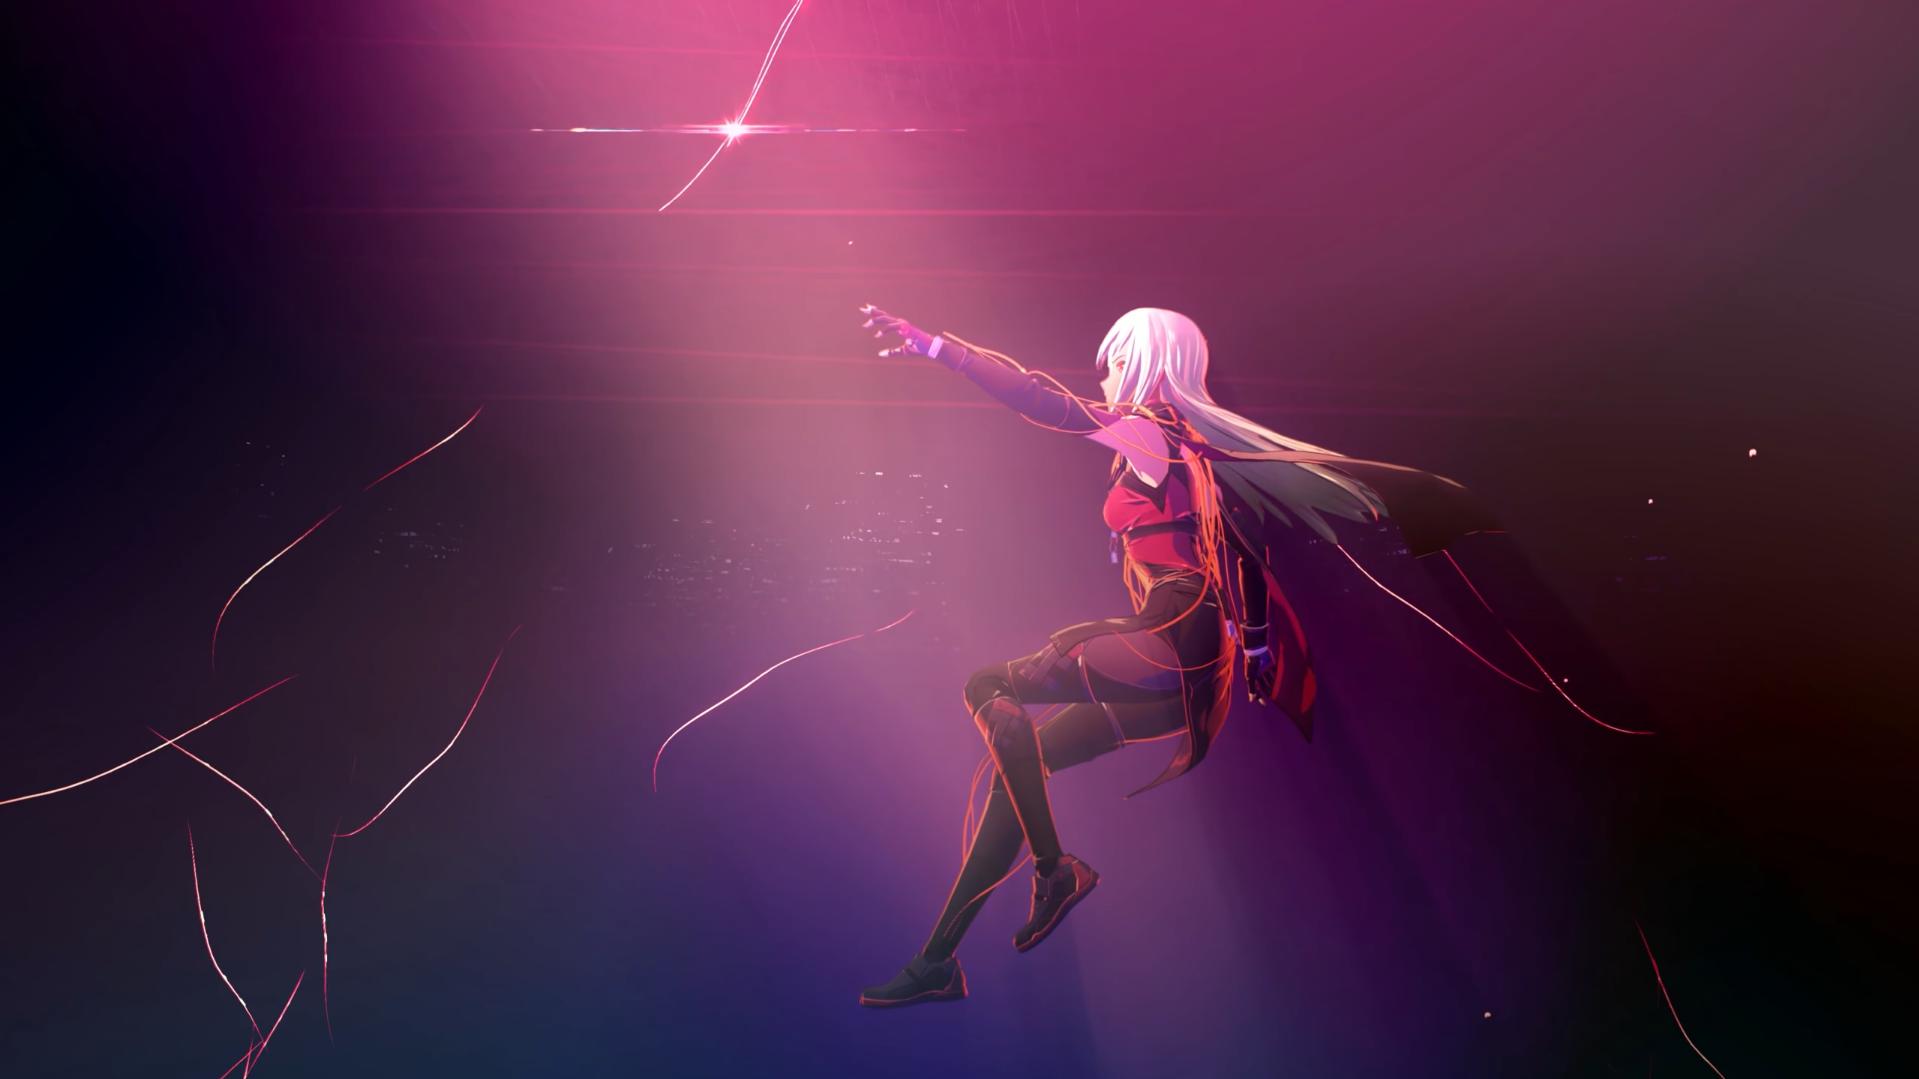 Bandai Namco раскрыла дату релиза Scarlet Nexus, и анонсировала аниме по мотивам